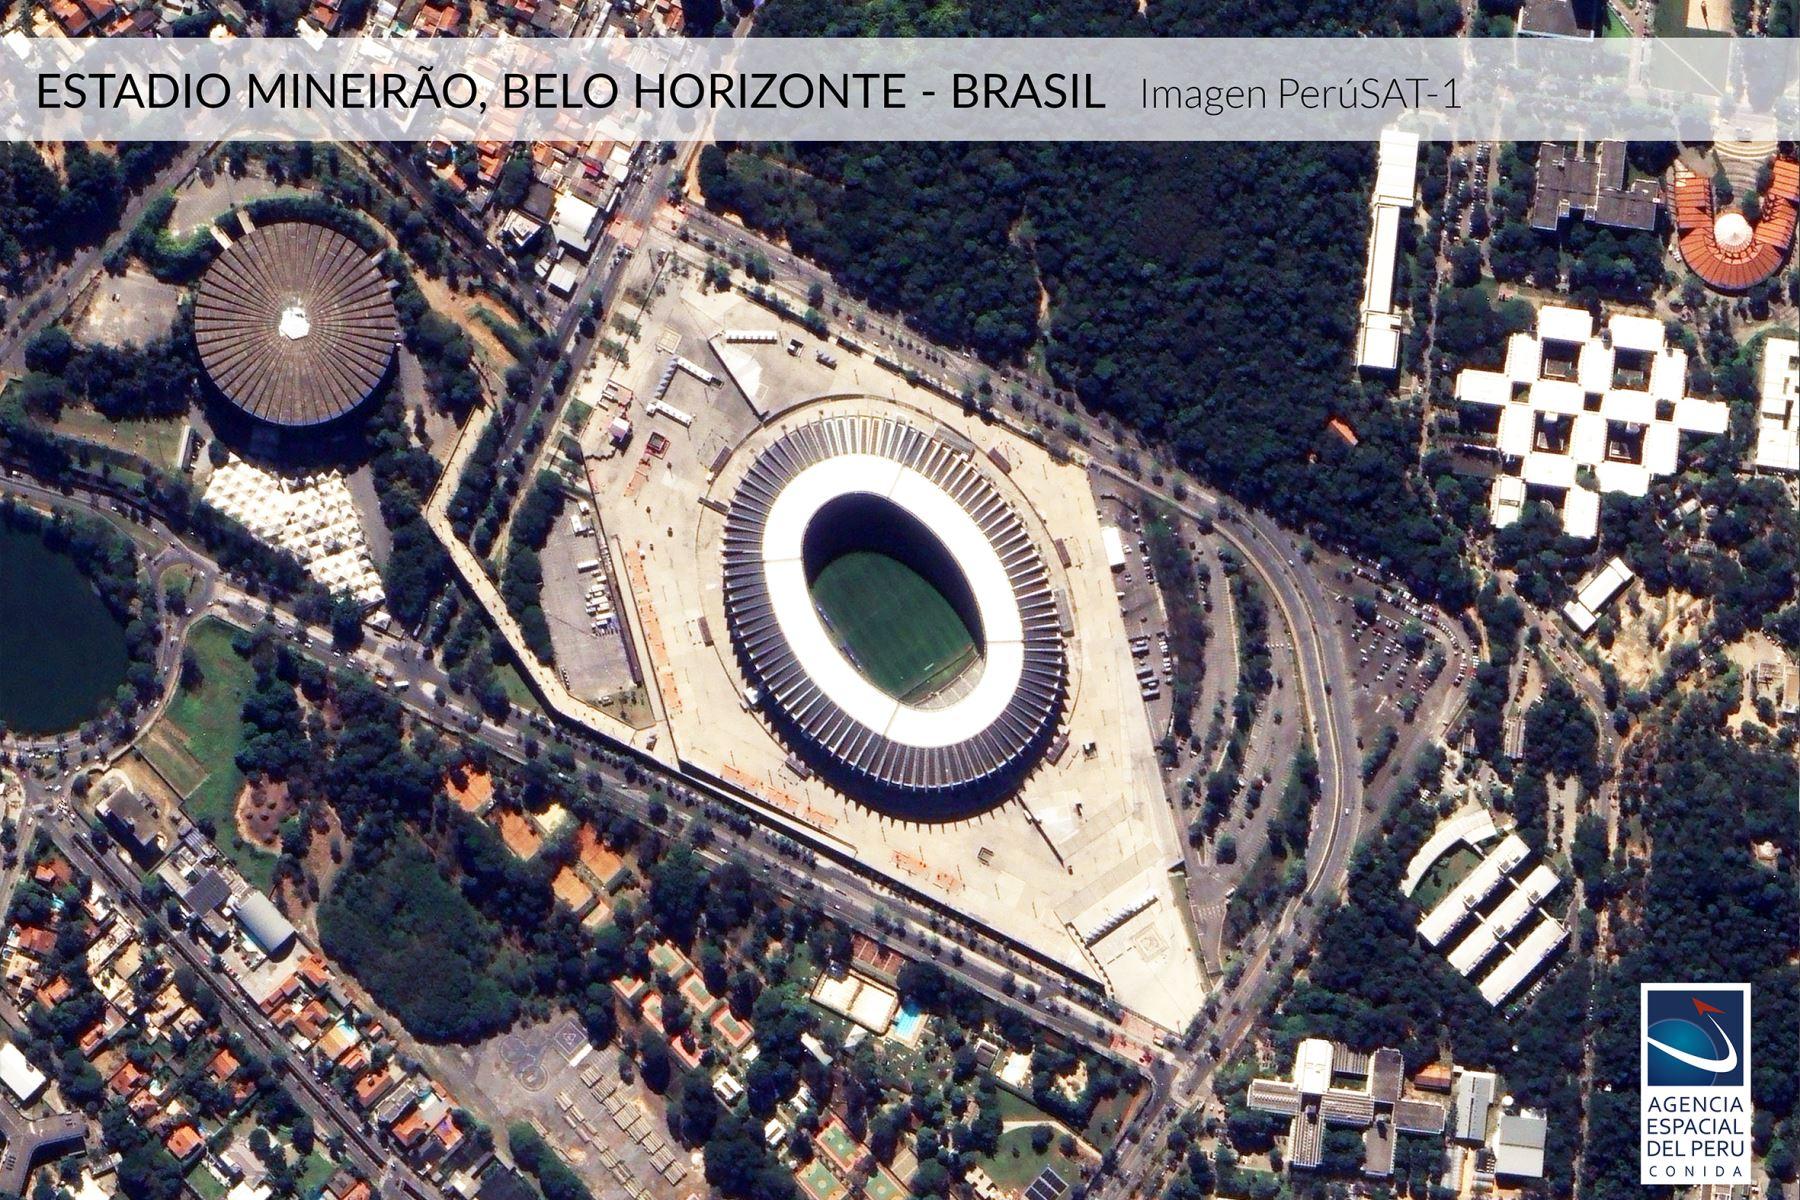 Imagen satelital del Estadio Mineirao-Brasil, sede de la Copa América 2019.Foto: Andina/Agencia Espacial del Perú.